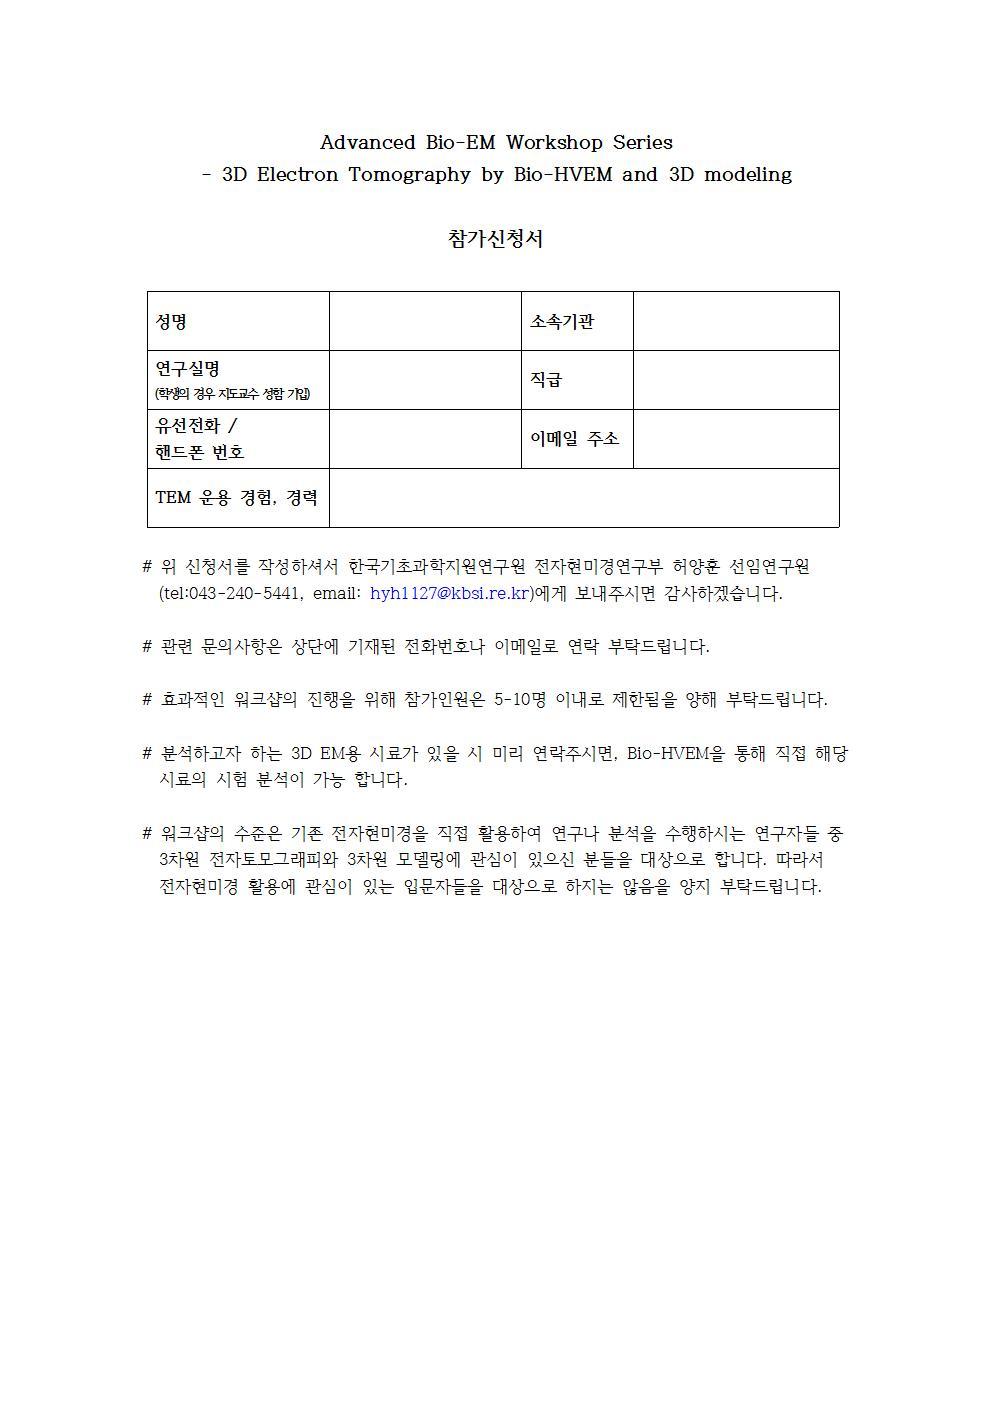 한국기초과학지원연구원 Advanced Bio-EM 워크샵 개최 안내002.jpg